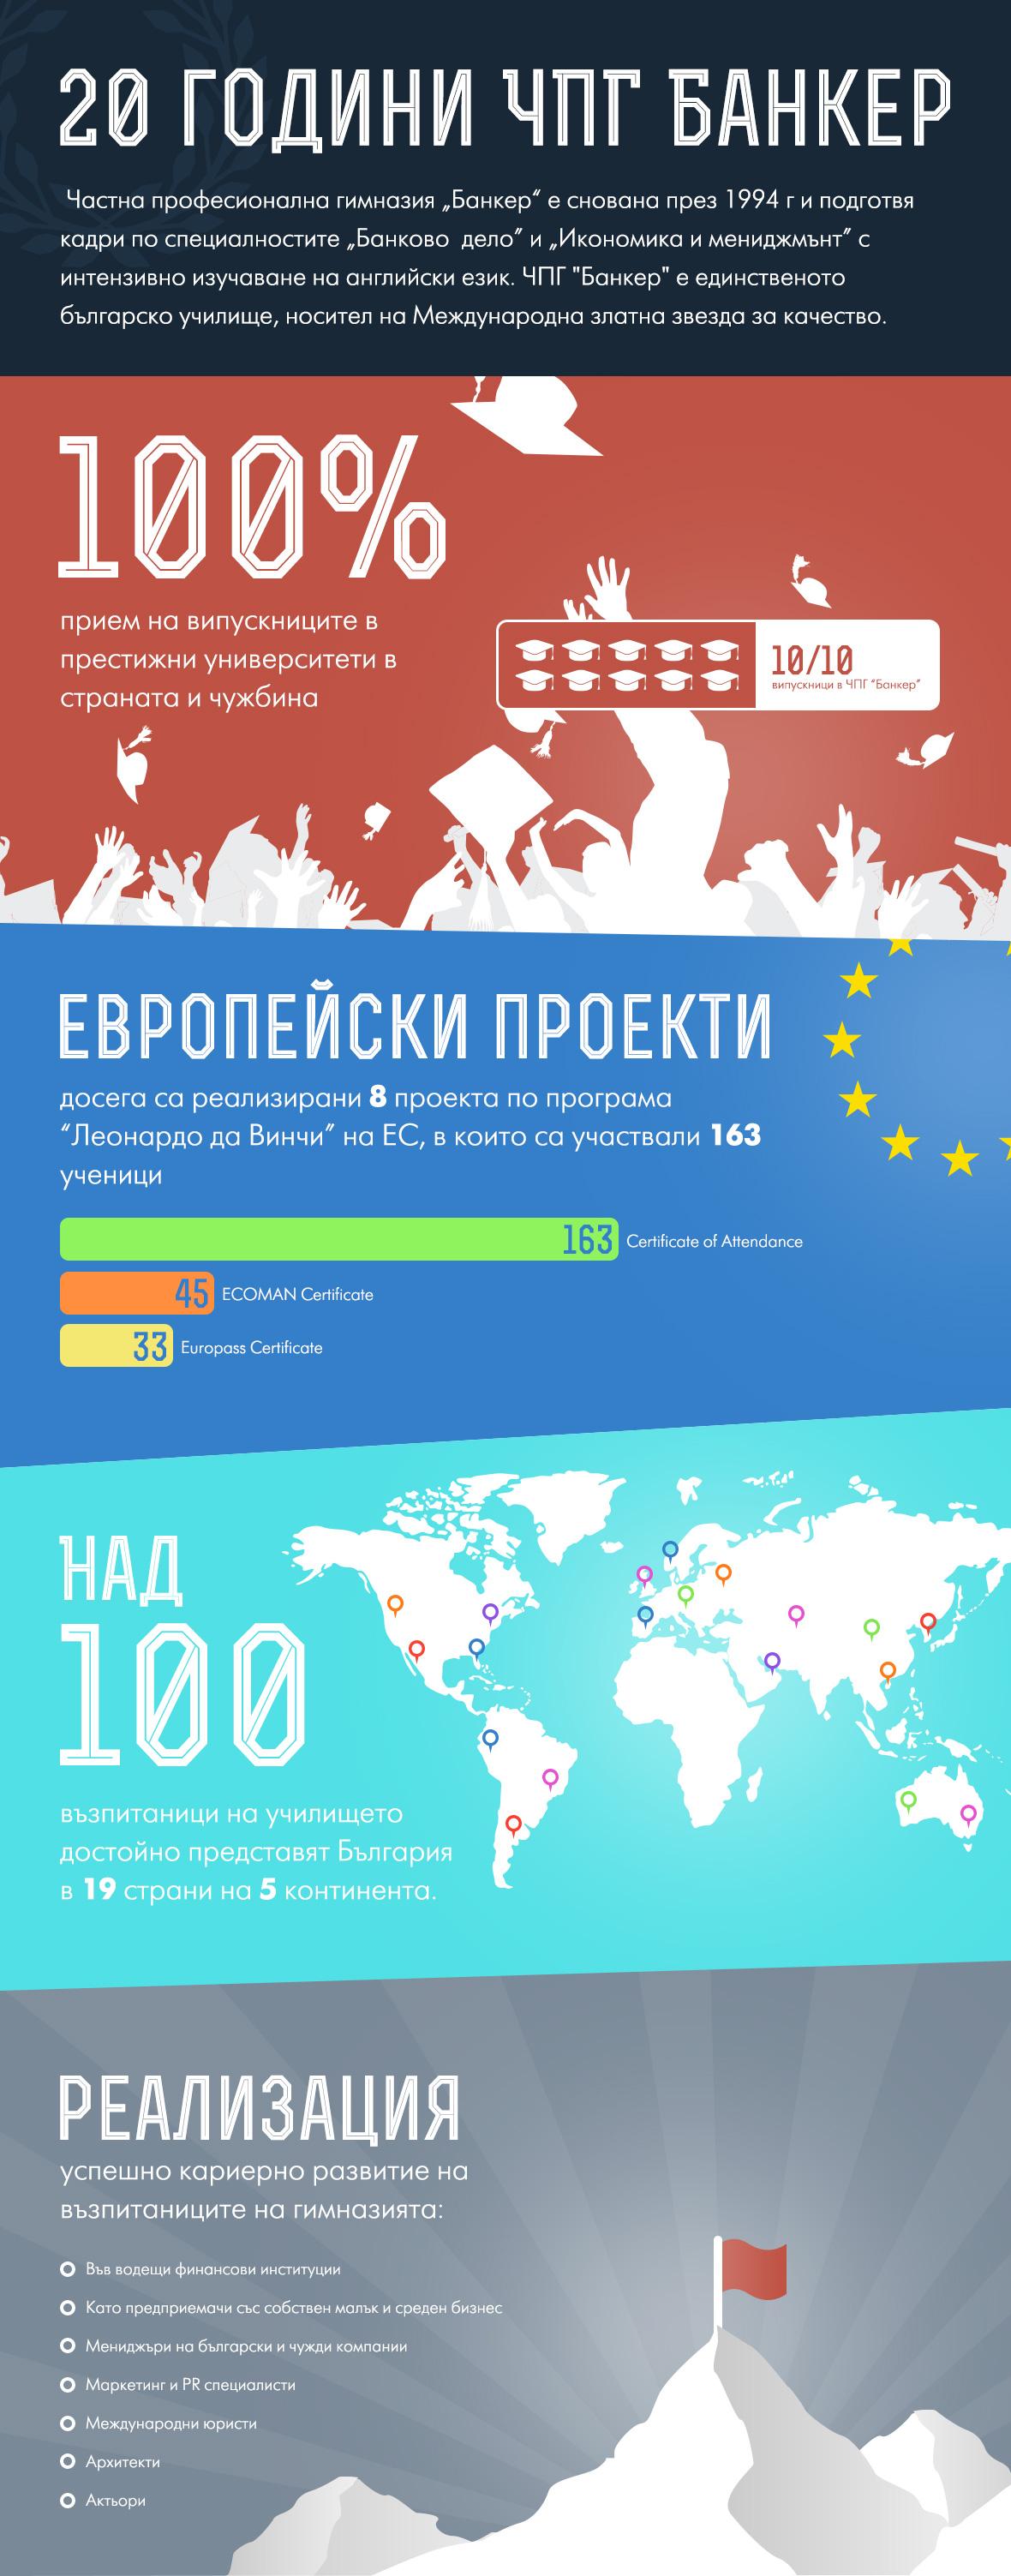 infographic-v2-ColorVariant_final (1)